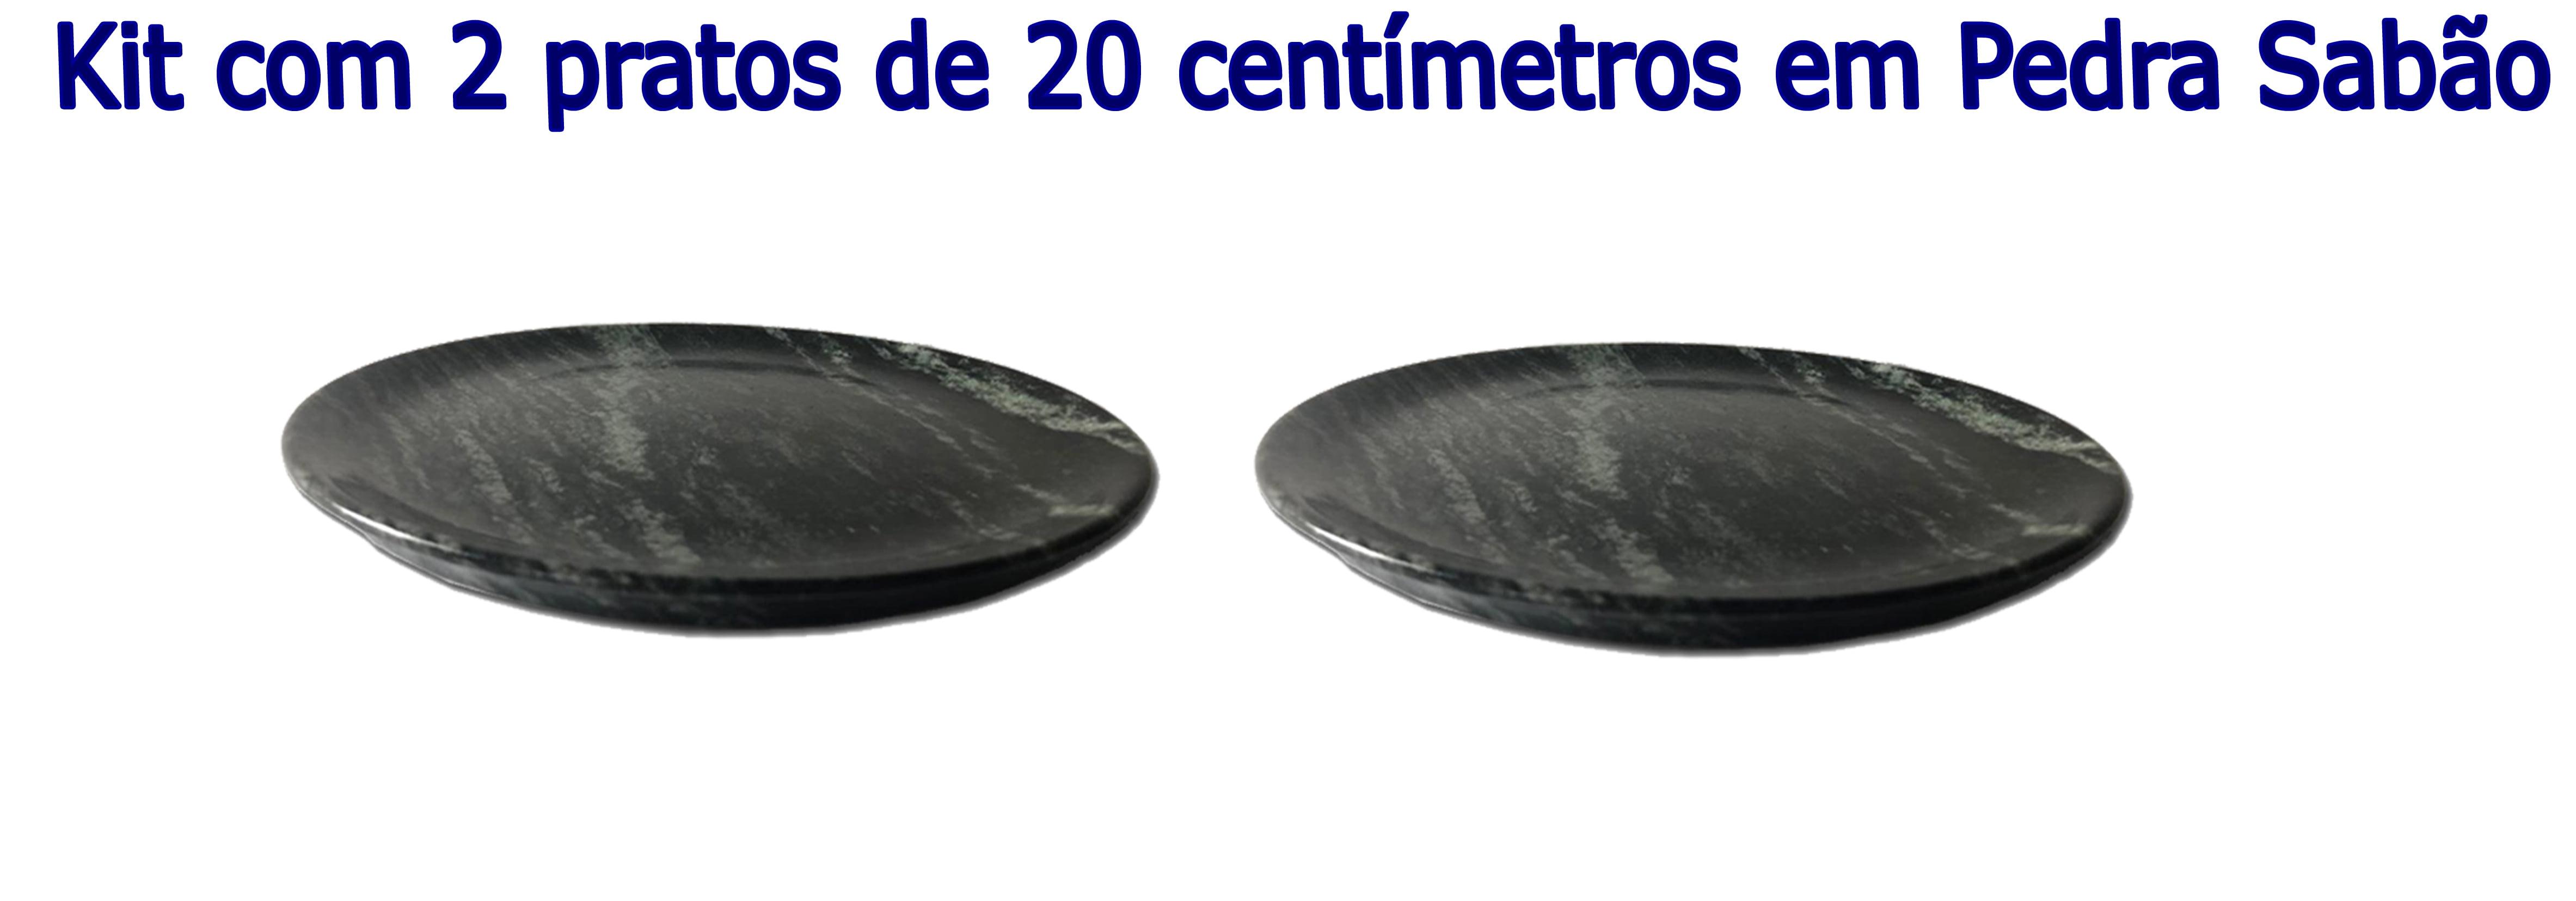 Kit Com 2 Pratos Raso Em Pedra Sabão 20 Cm De Diâmetro